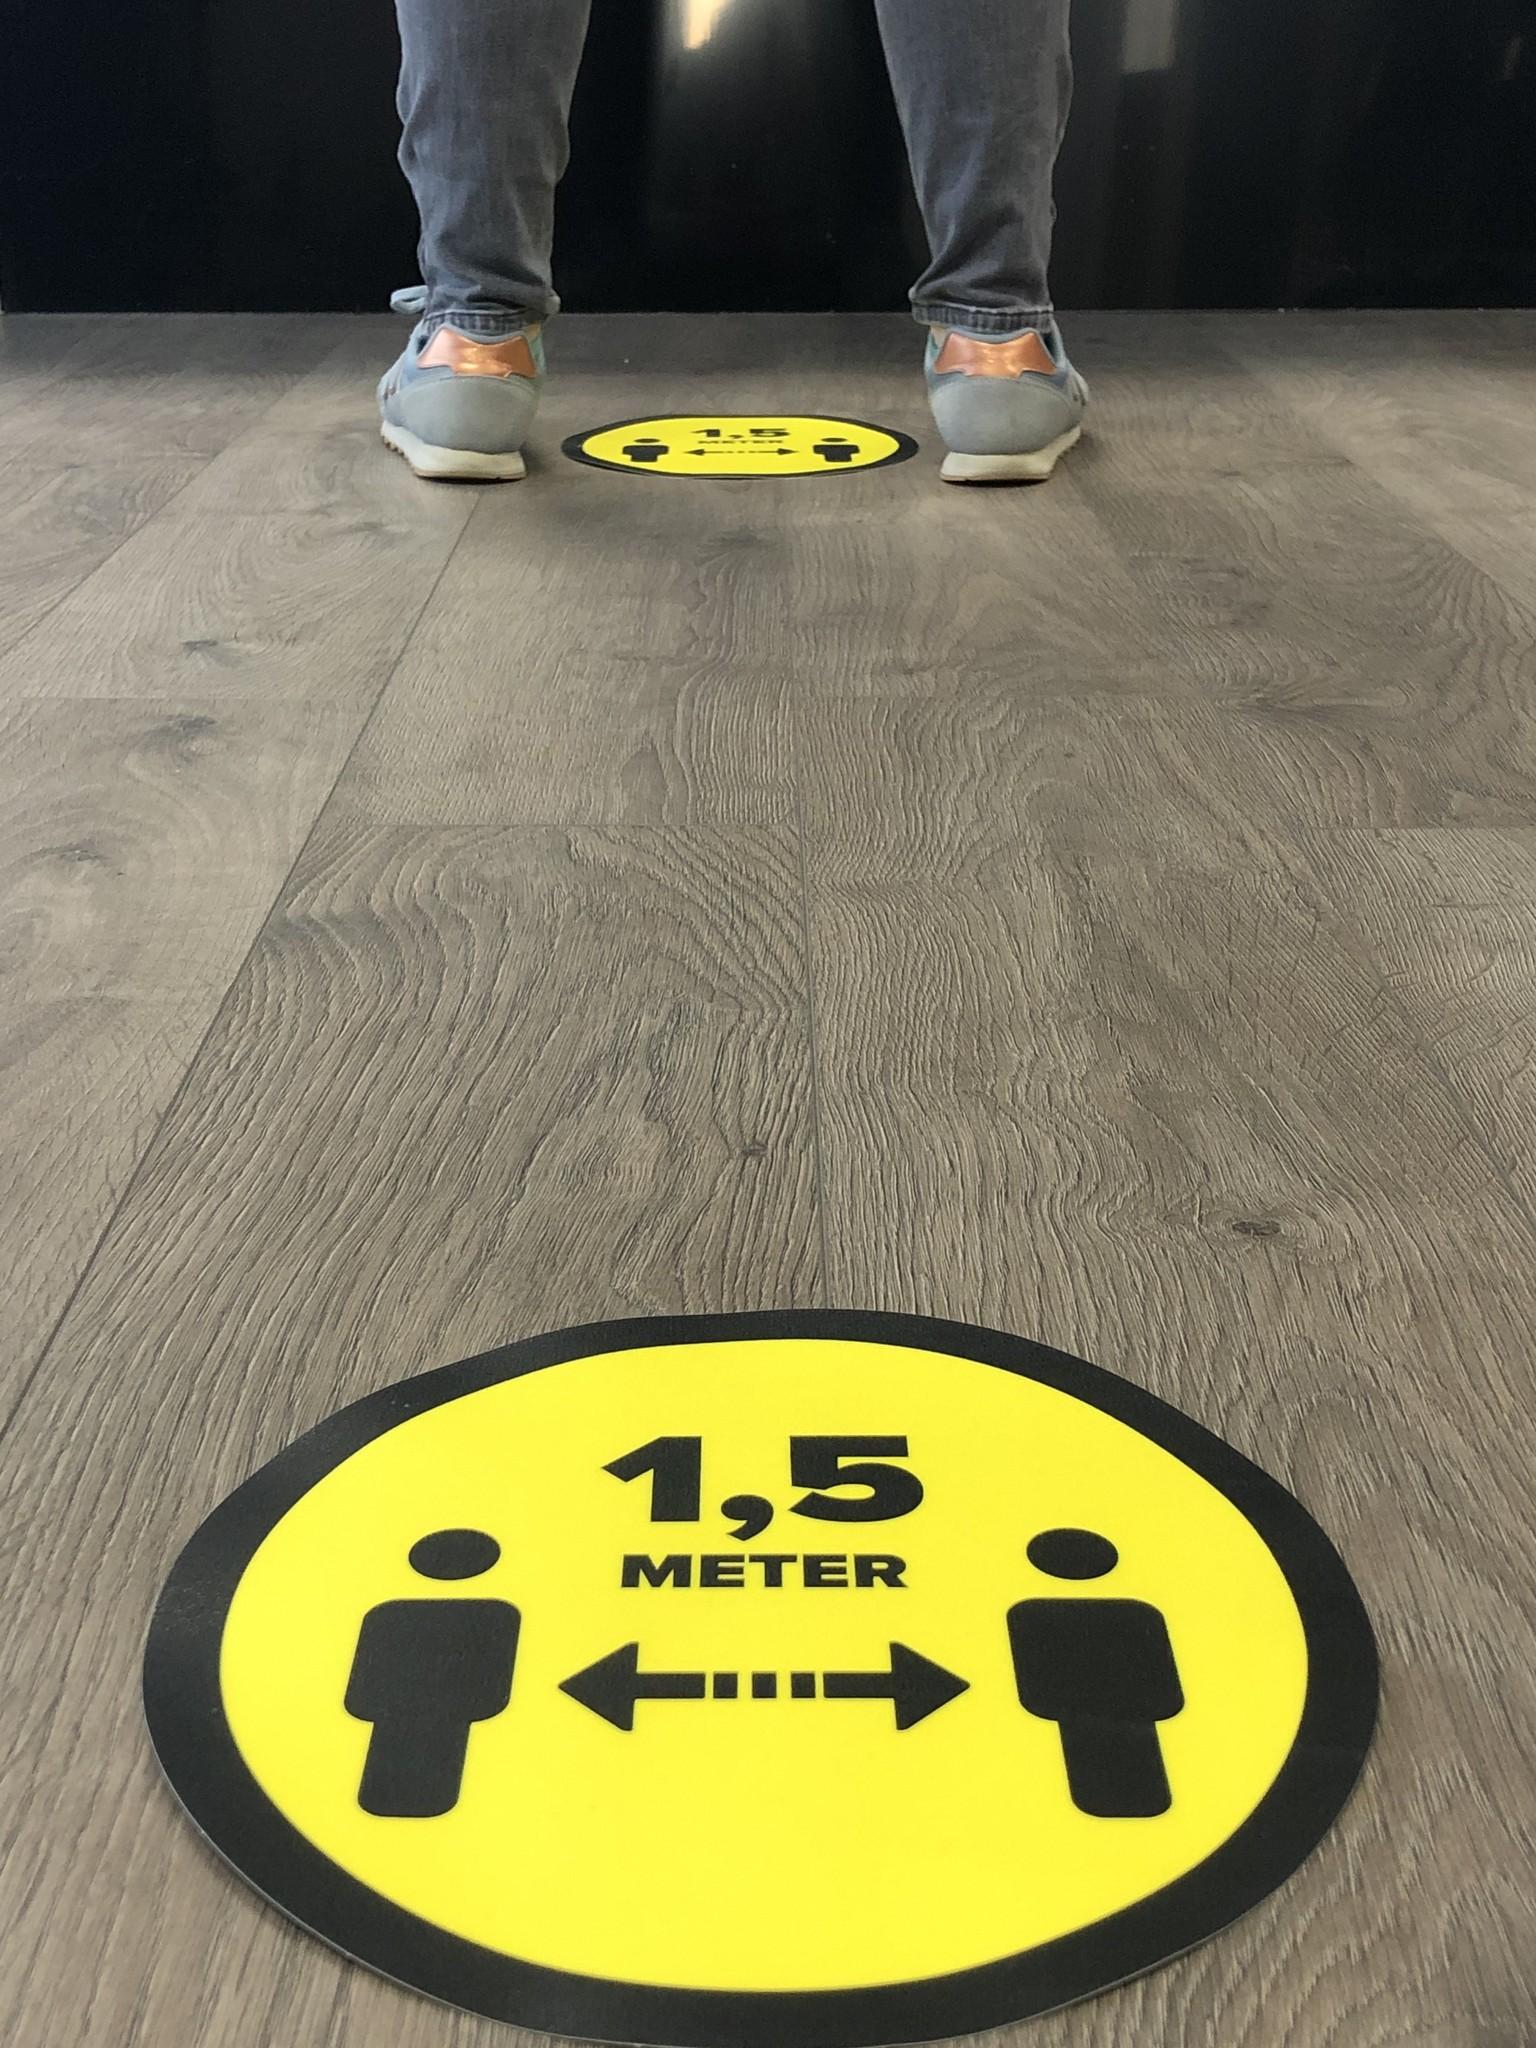 Bodenaufkleber Abstand 1,5 Meter (25 cm rund) aufbewahren